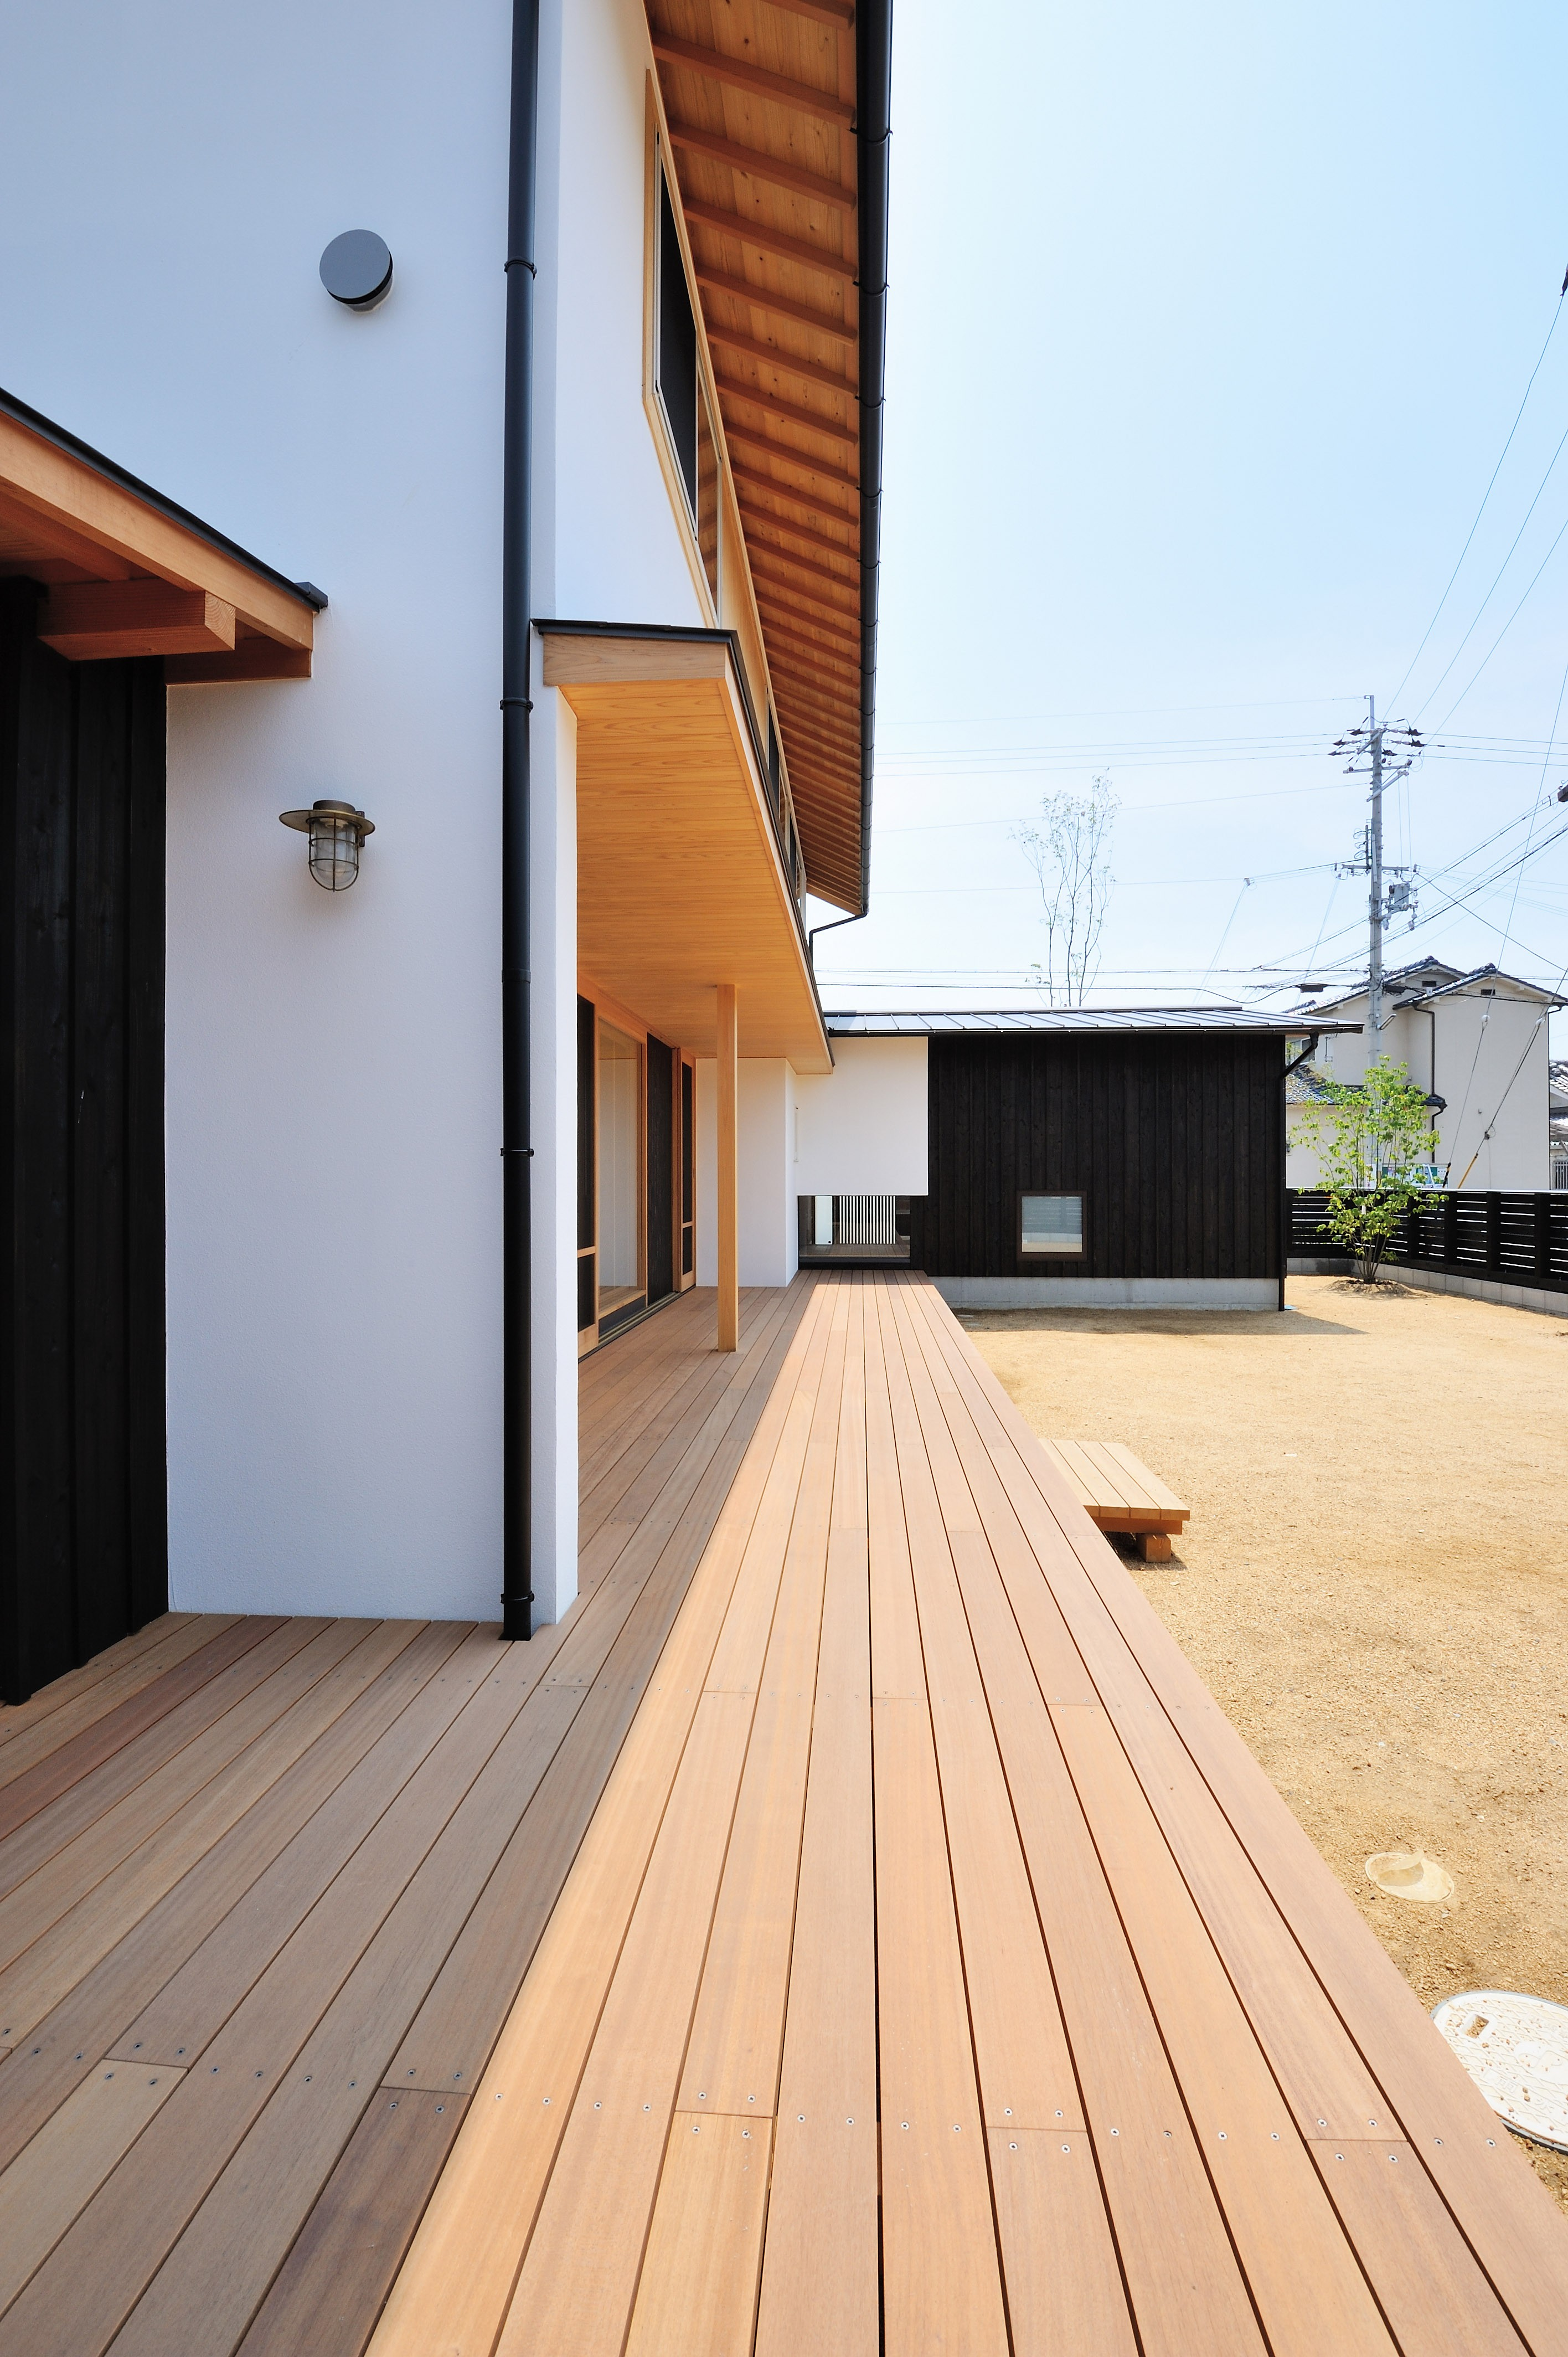 外観事例:開放的なウッドデッキ(ウッドデッキで繋がる空間|趣味を楽しむ住まい 姫路の家)